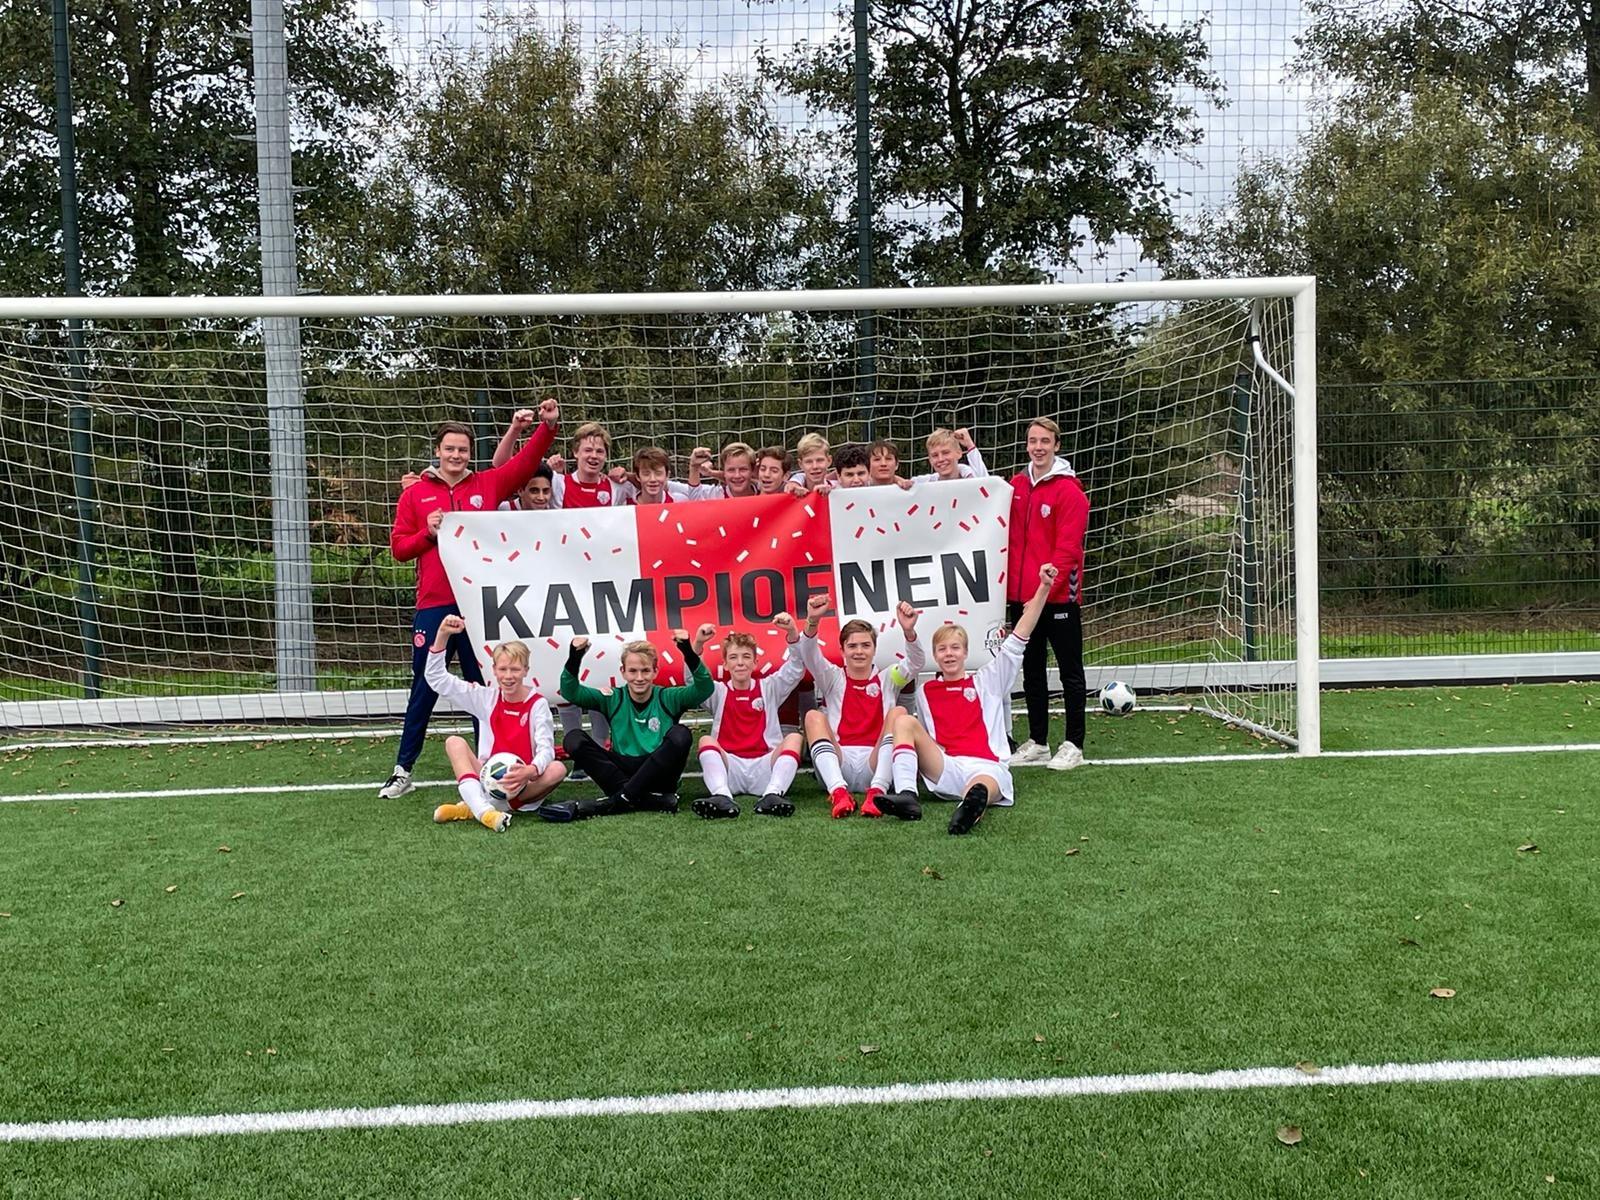 Eerste jeugdelftallen vieren kampioensfeest